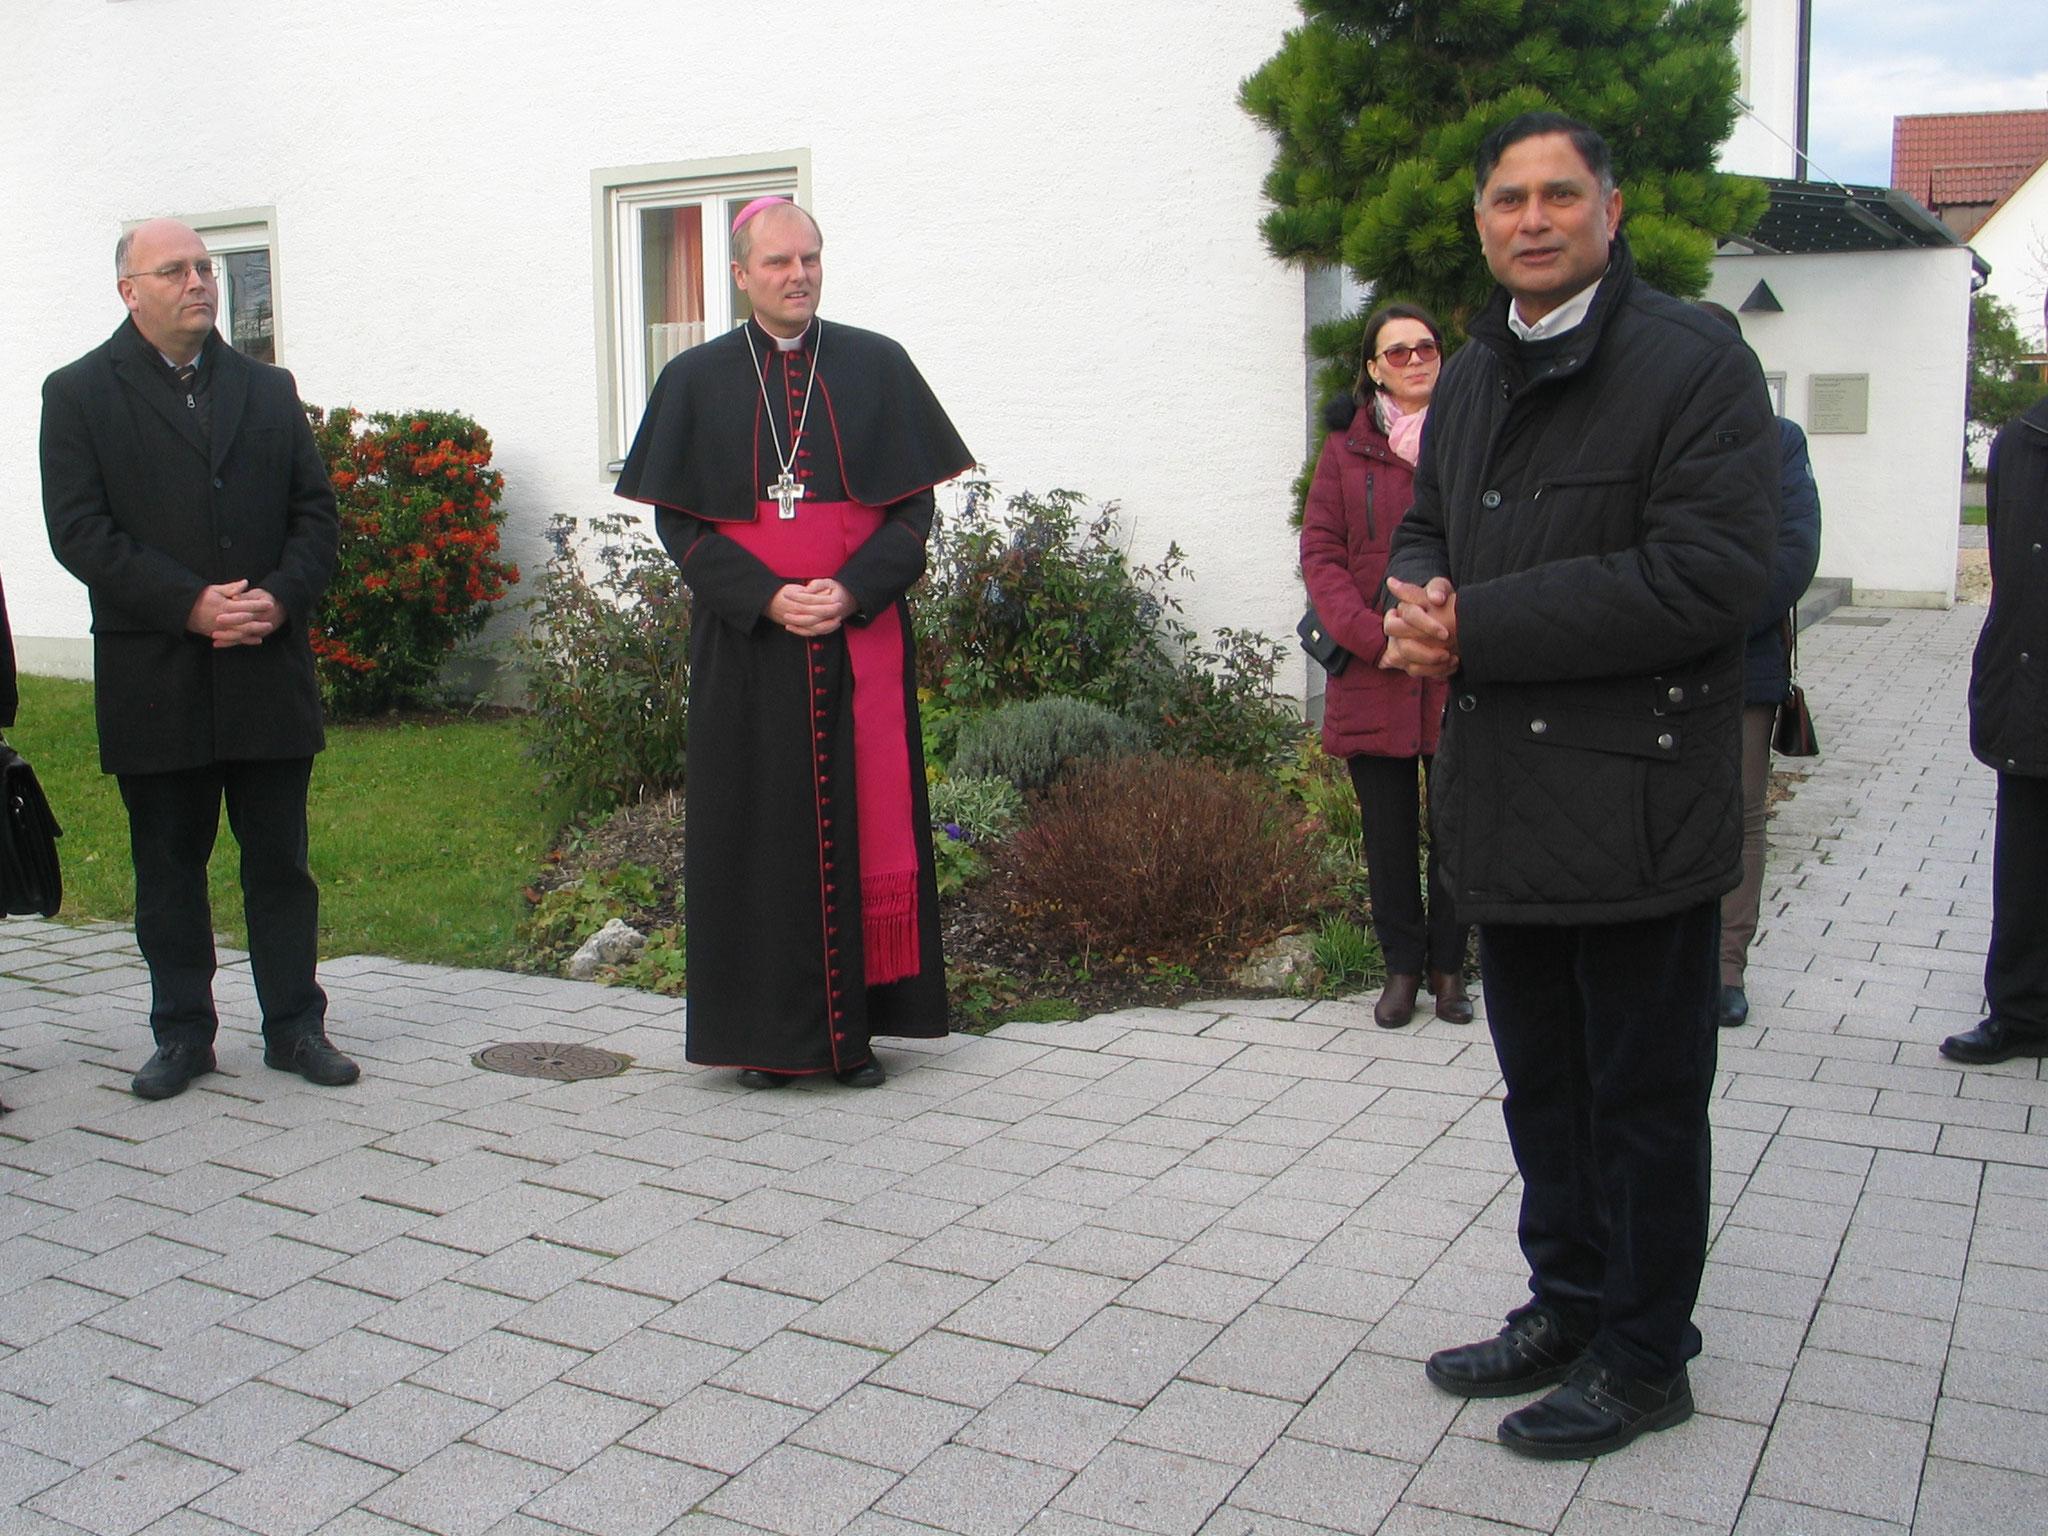 Pfarrer Norman hieß Weihbischof Florian Wörner auf dem Kirchplatz in Nordendorf willkommen